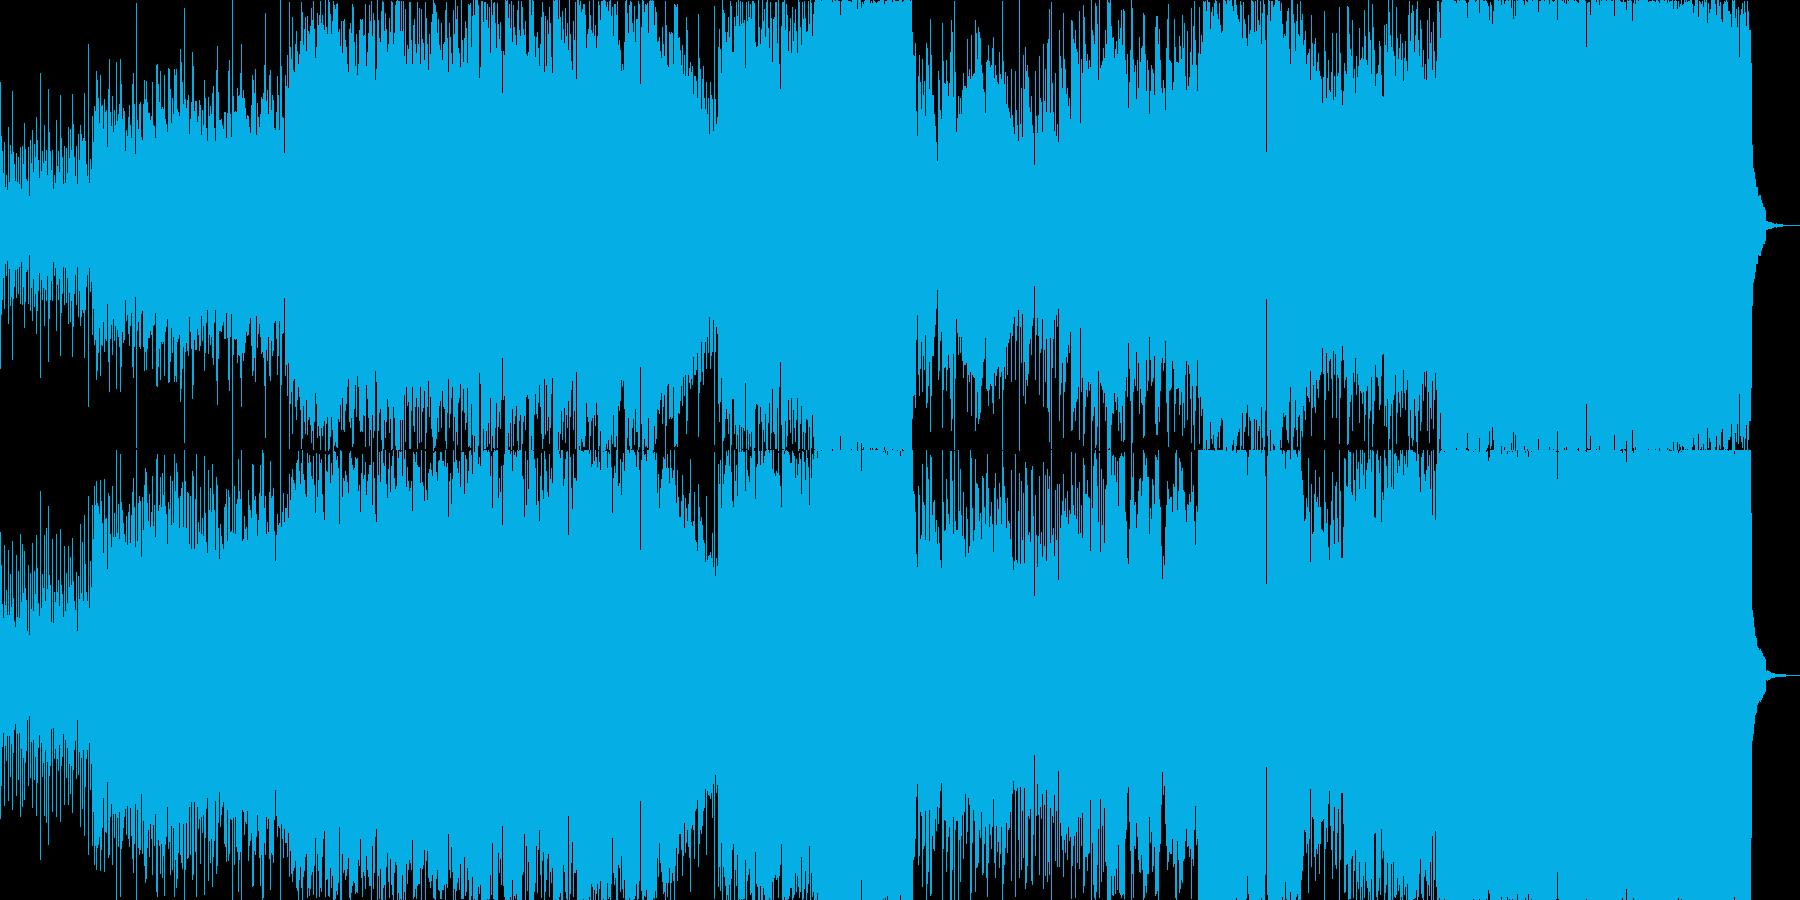 エンドロールに最適のドラマティックな曲!の再生済みの波形